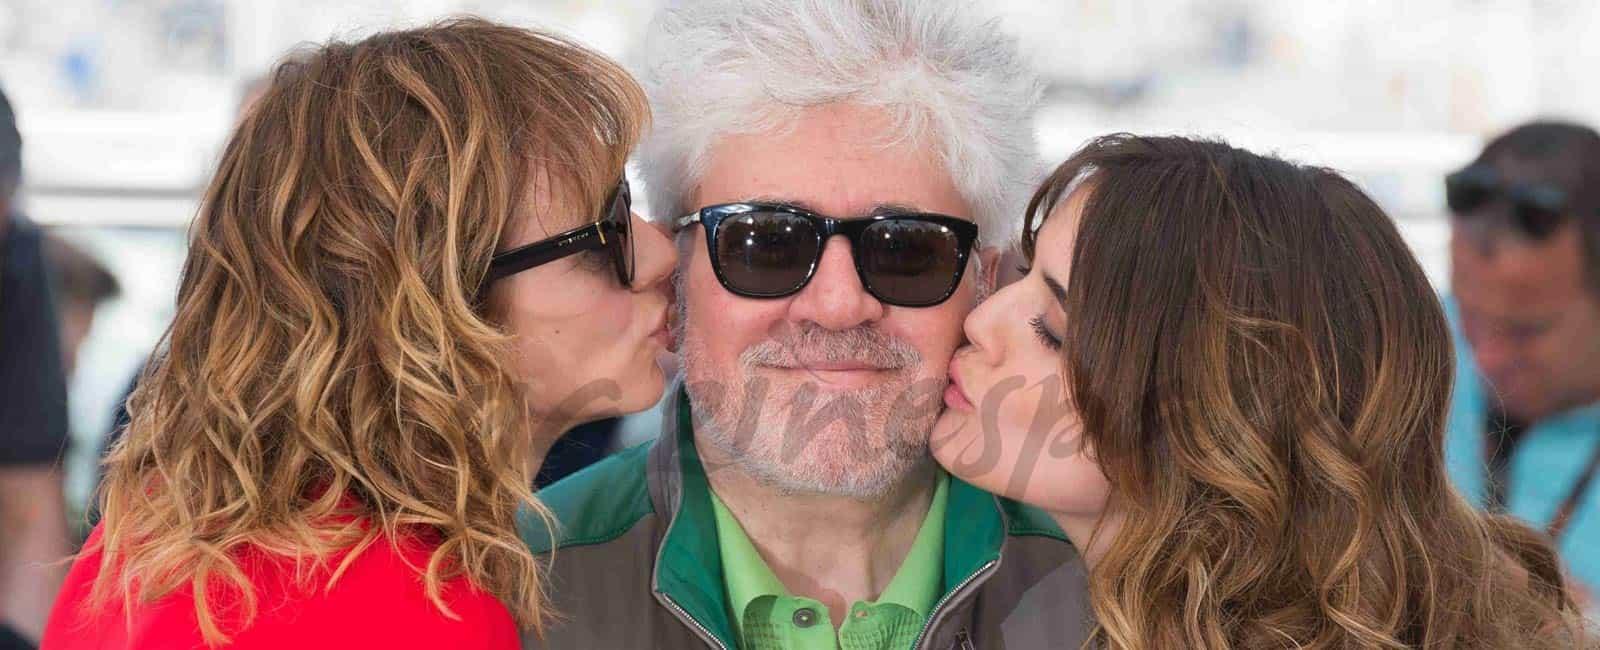 Pedro Almodóvar y sus «julietas» llegan a Cannes